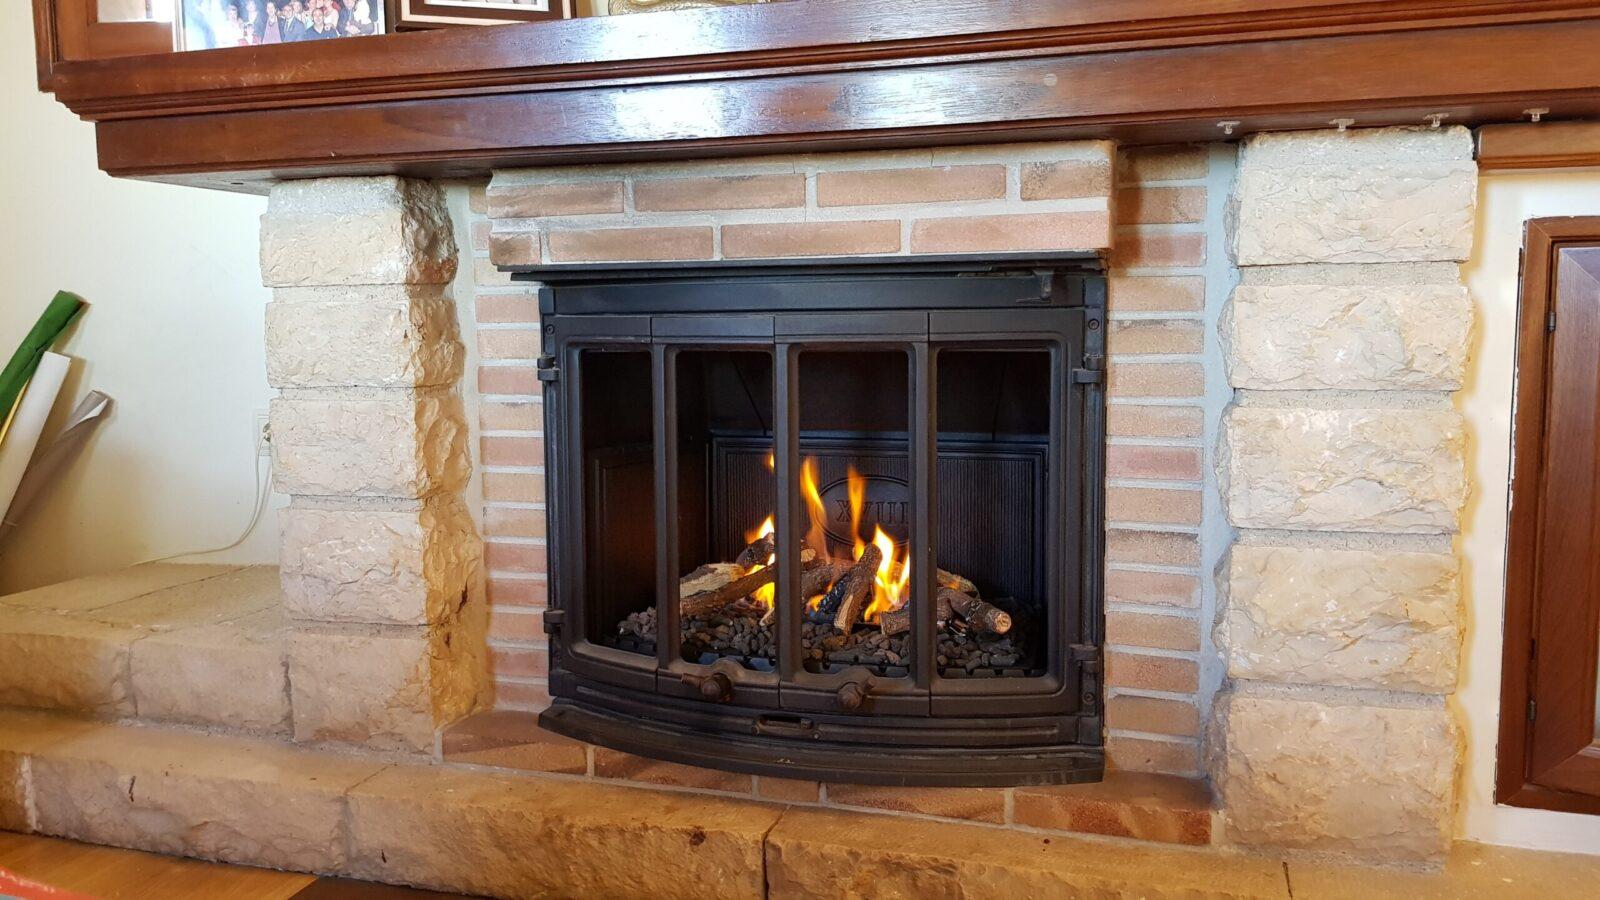 Transformación de chimenea de leña a gas scaled